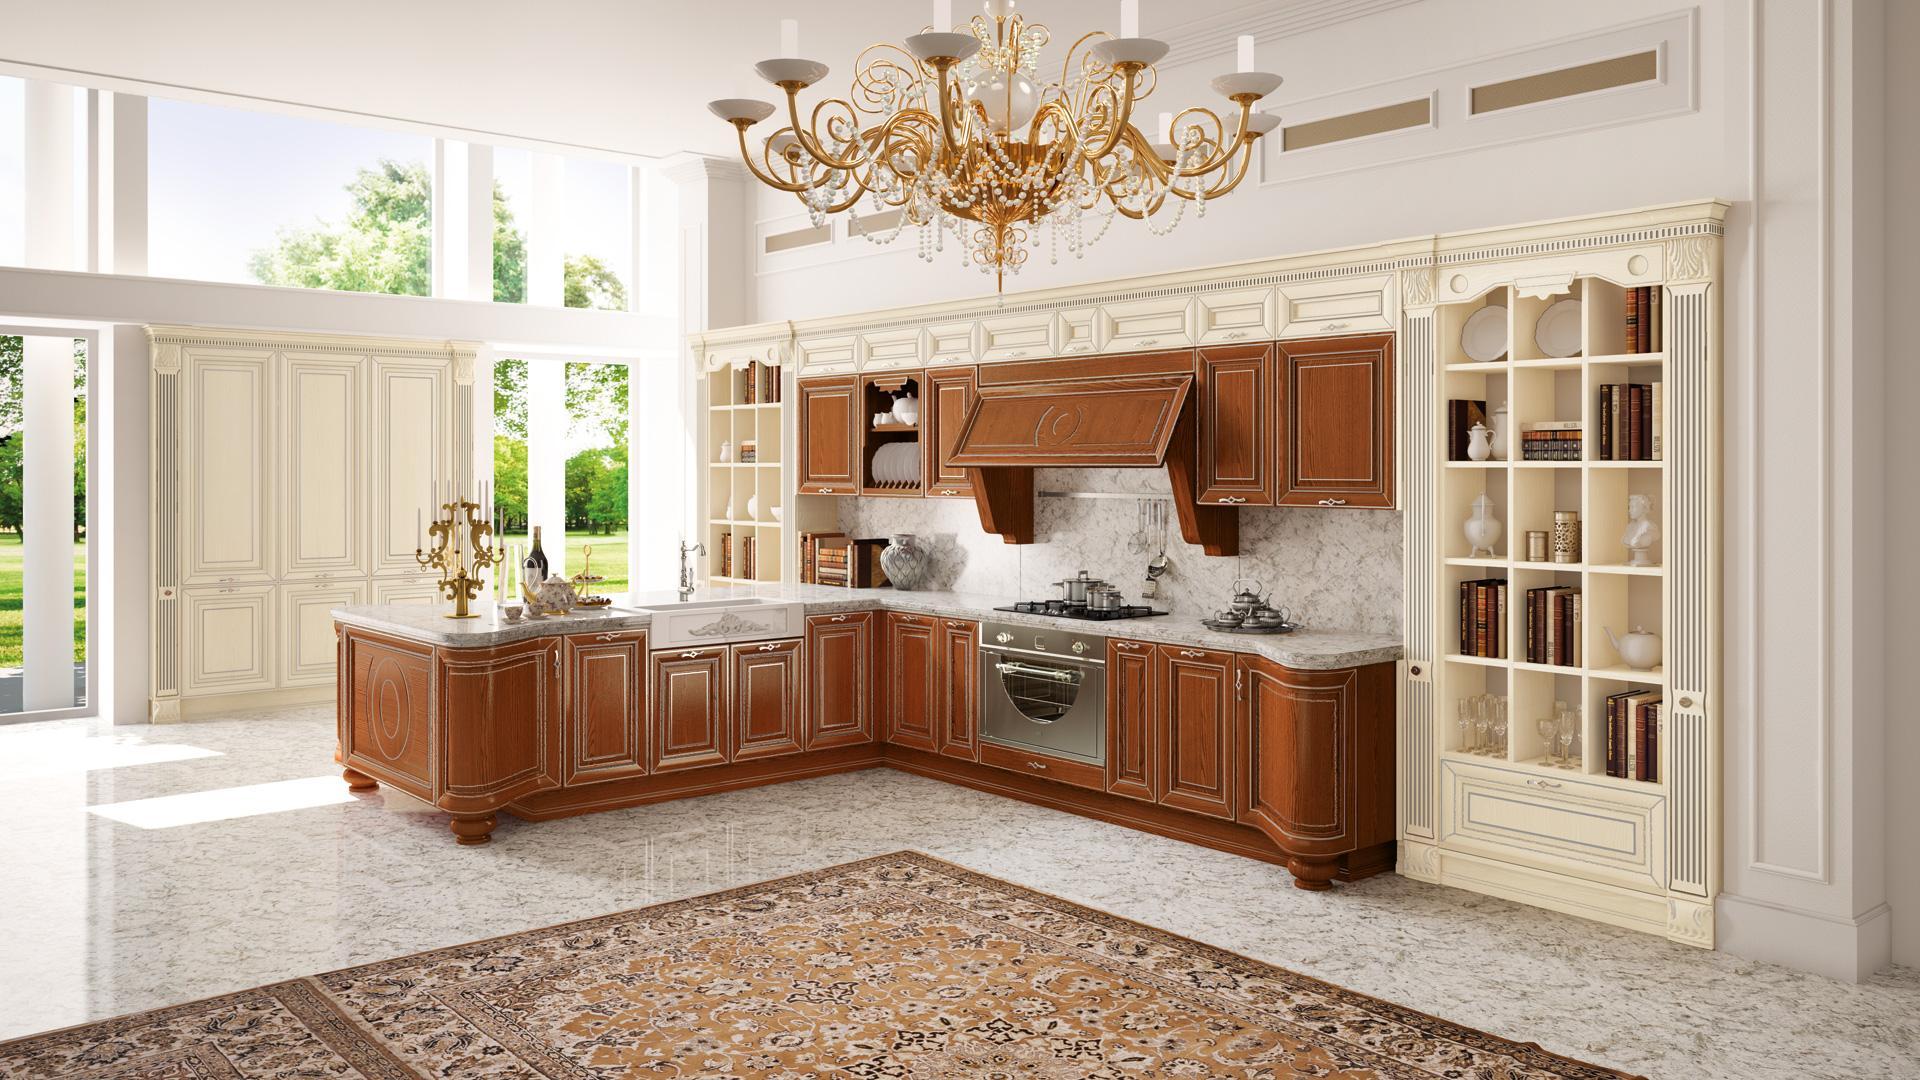 Progettare un moderno monolocale - Cucine classiche roma ...